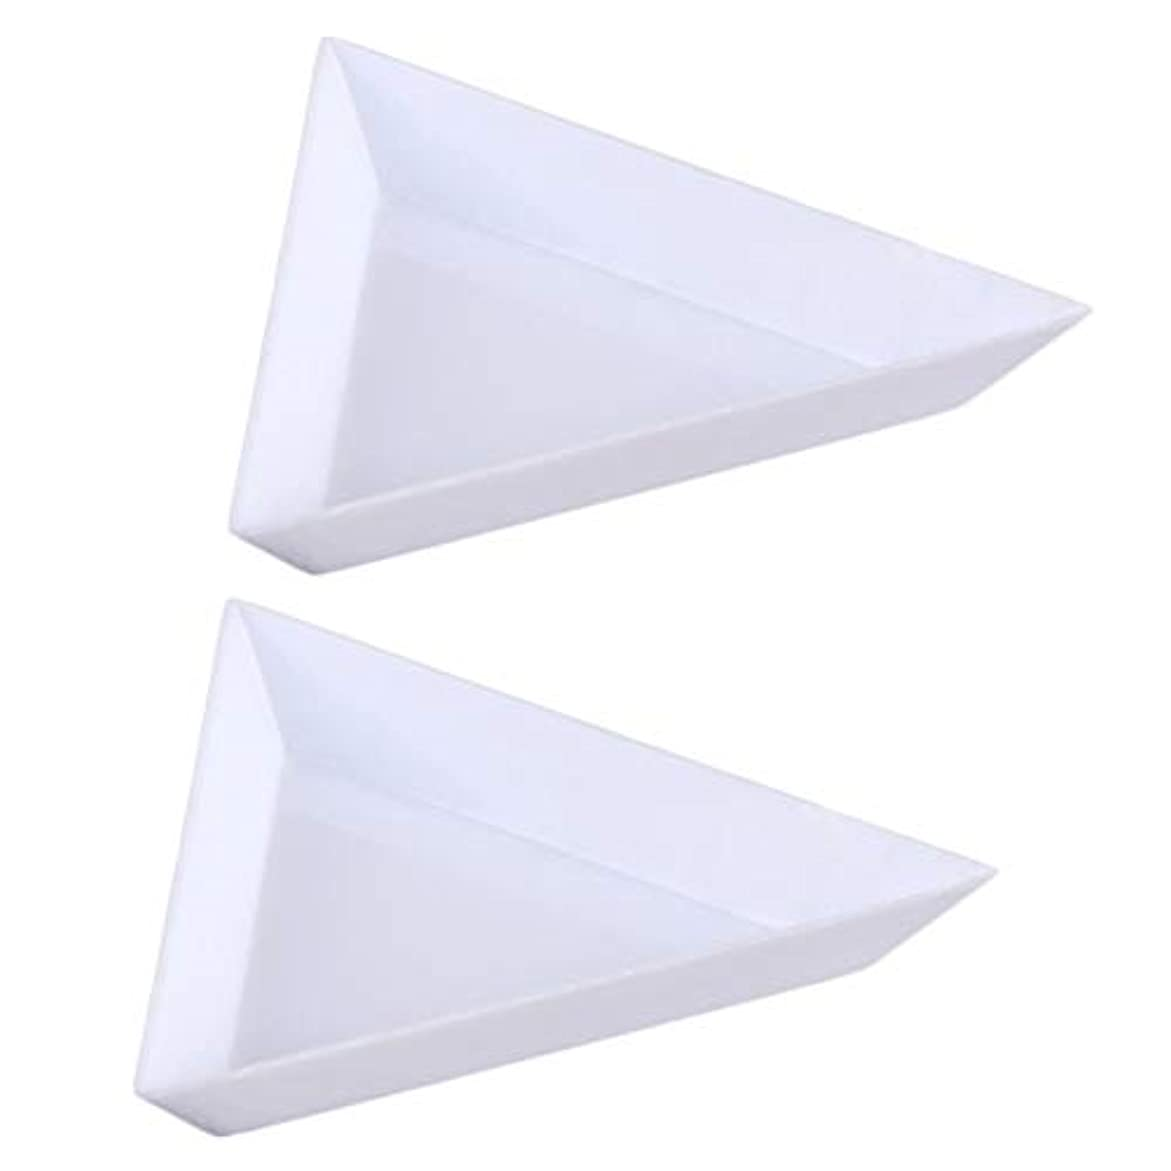 鼻果てしない著名なRETYLY 10個三角コーナープラスチックラインストーンビーズ 結晶 ネイルアートソーティングトレイアクセサリー白 DiyネイルアートデコレーションDotting収納トレイ オーガニゼーションに最適